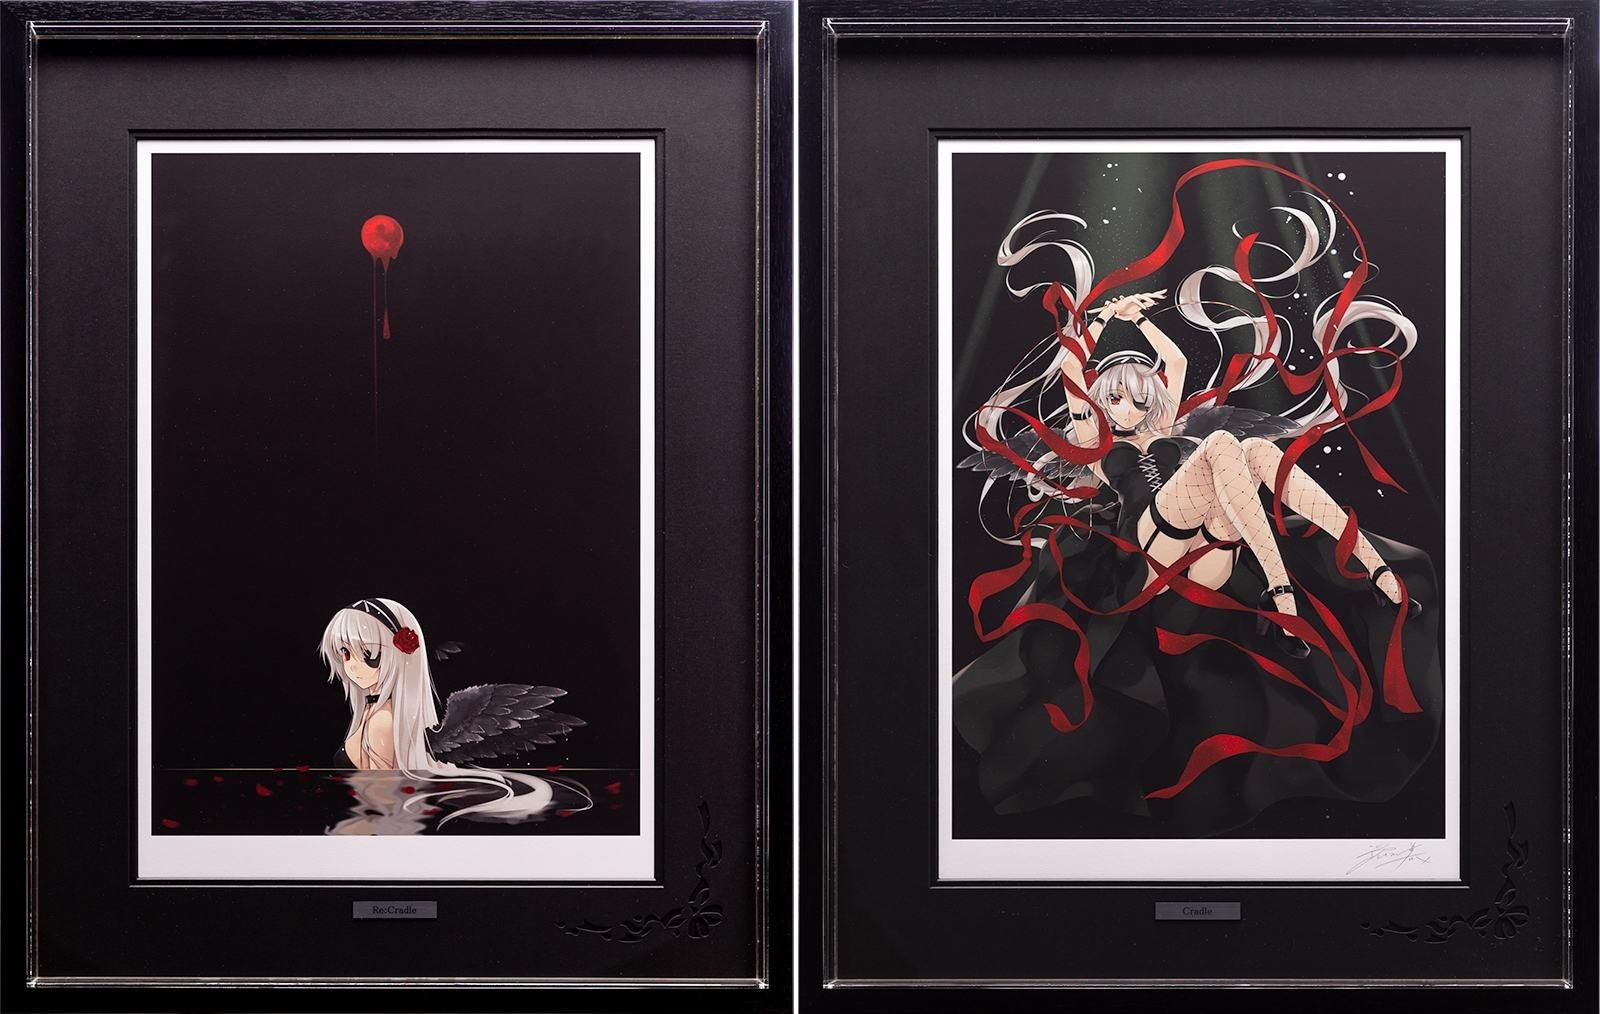 【版画】【中古】 Re:Cradle(特別額装版) ミックスドメディア 本人鉛筆サイン 深崎暮人(Kurehito Misaki)